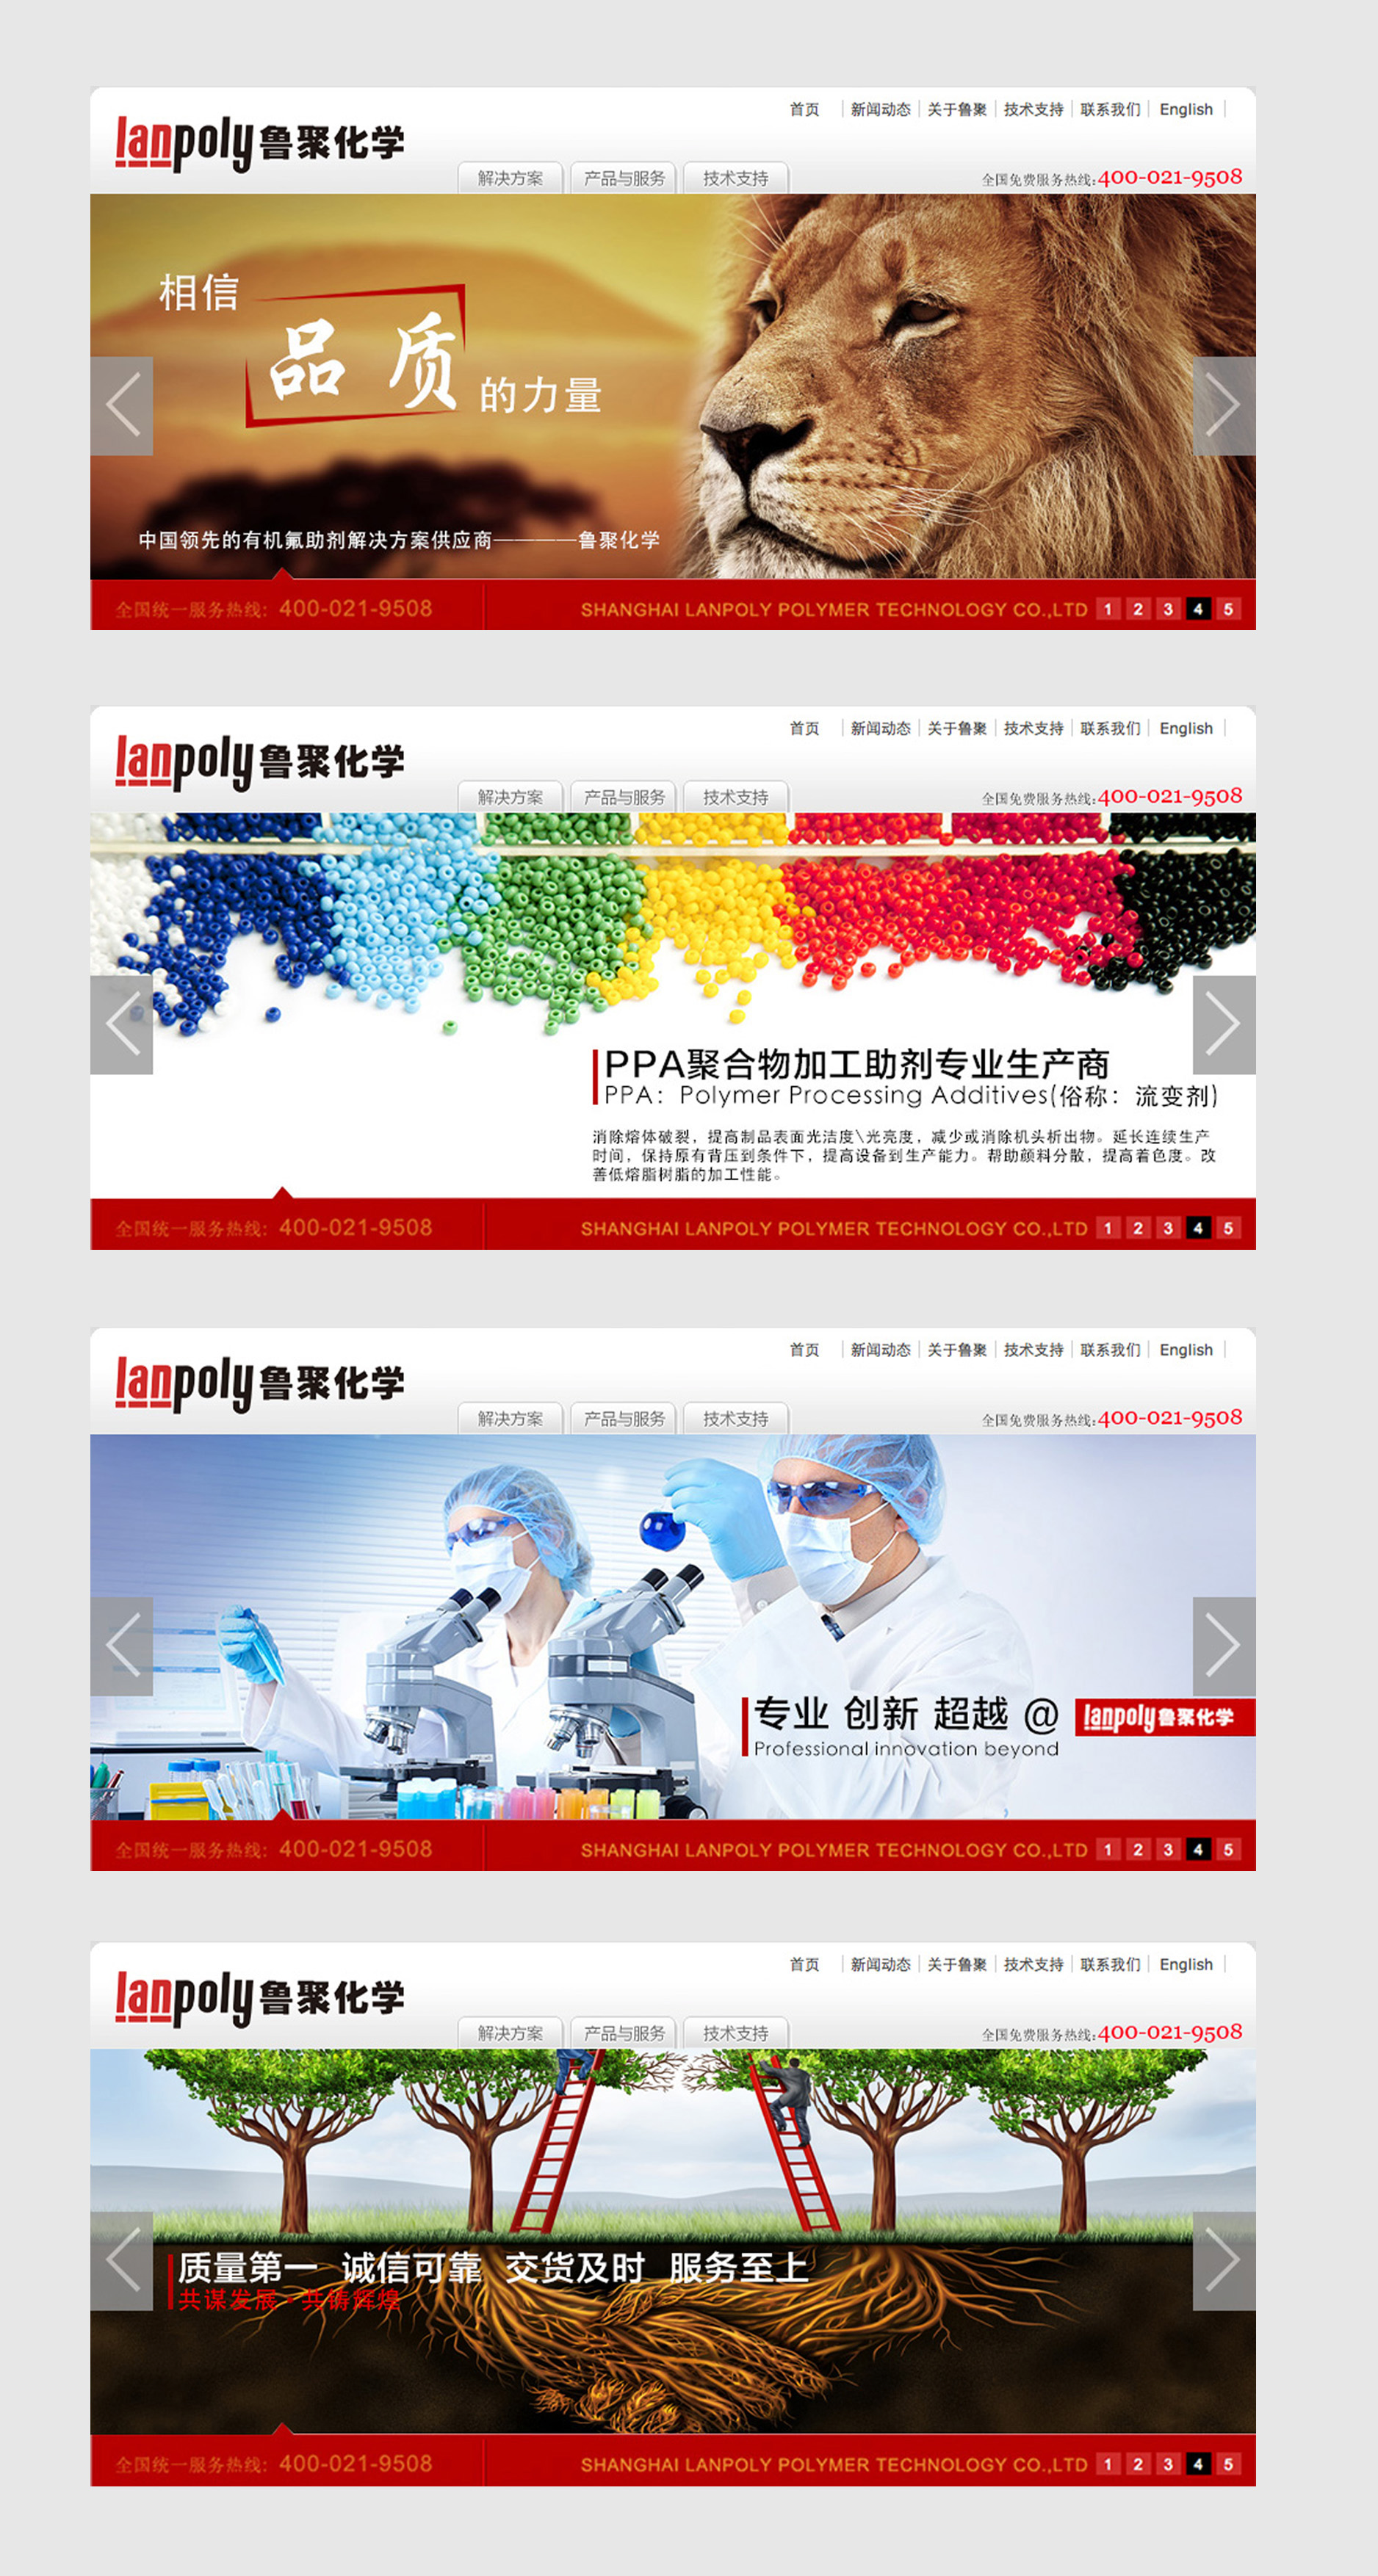 网站首页宣传海报轮播图设计